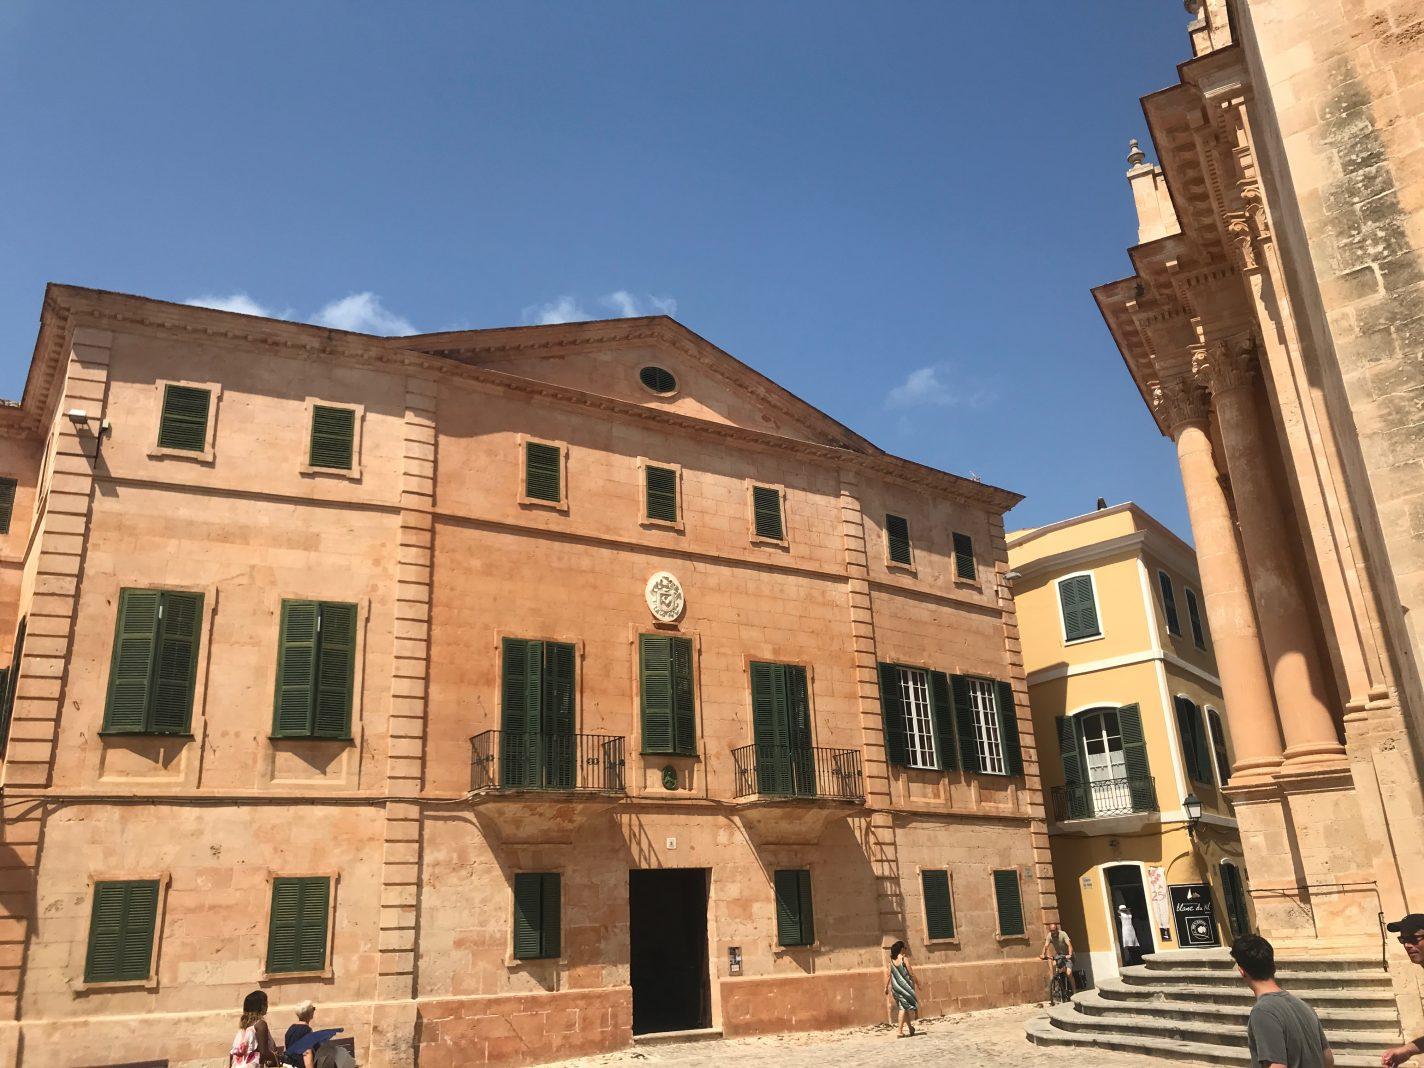 Ciutadella, de op een na grootste stad van Menorca